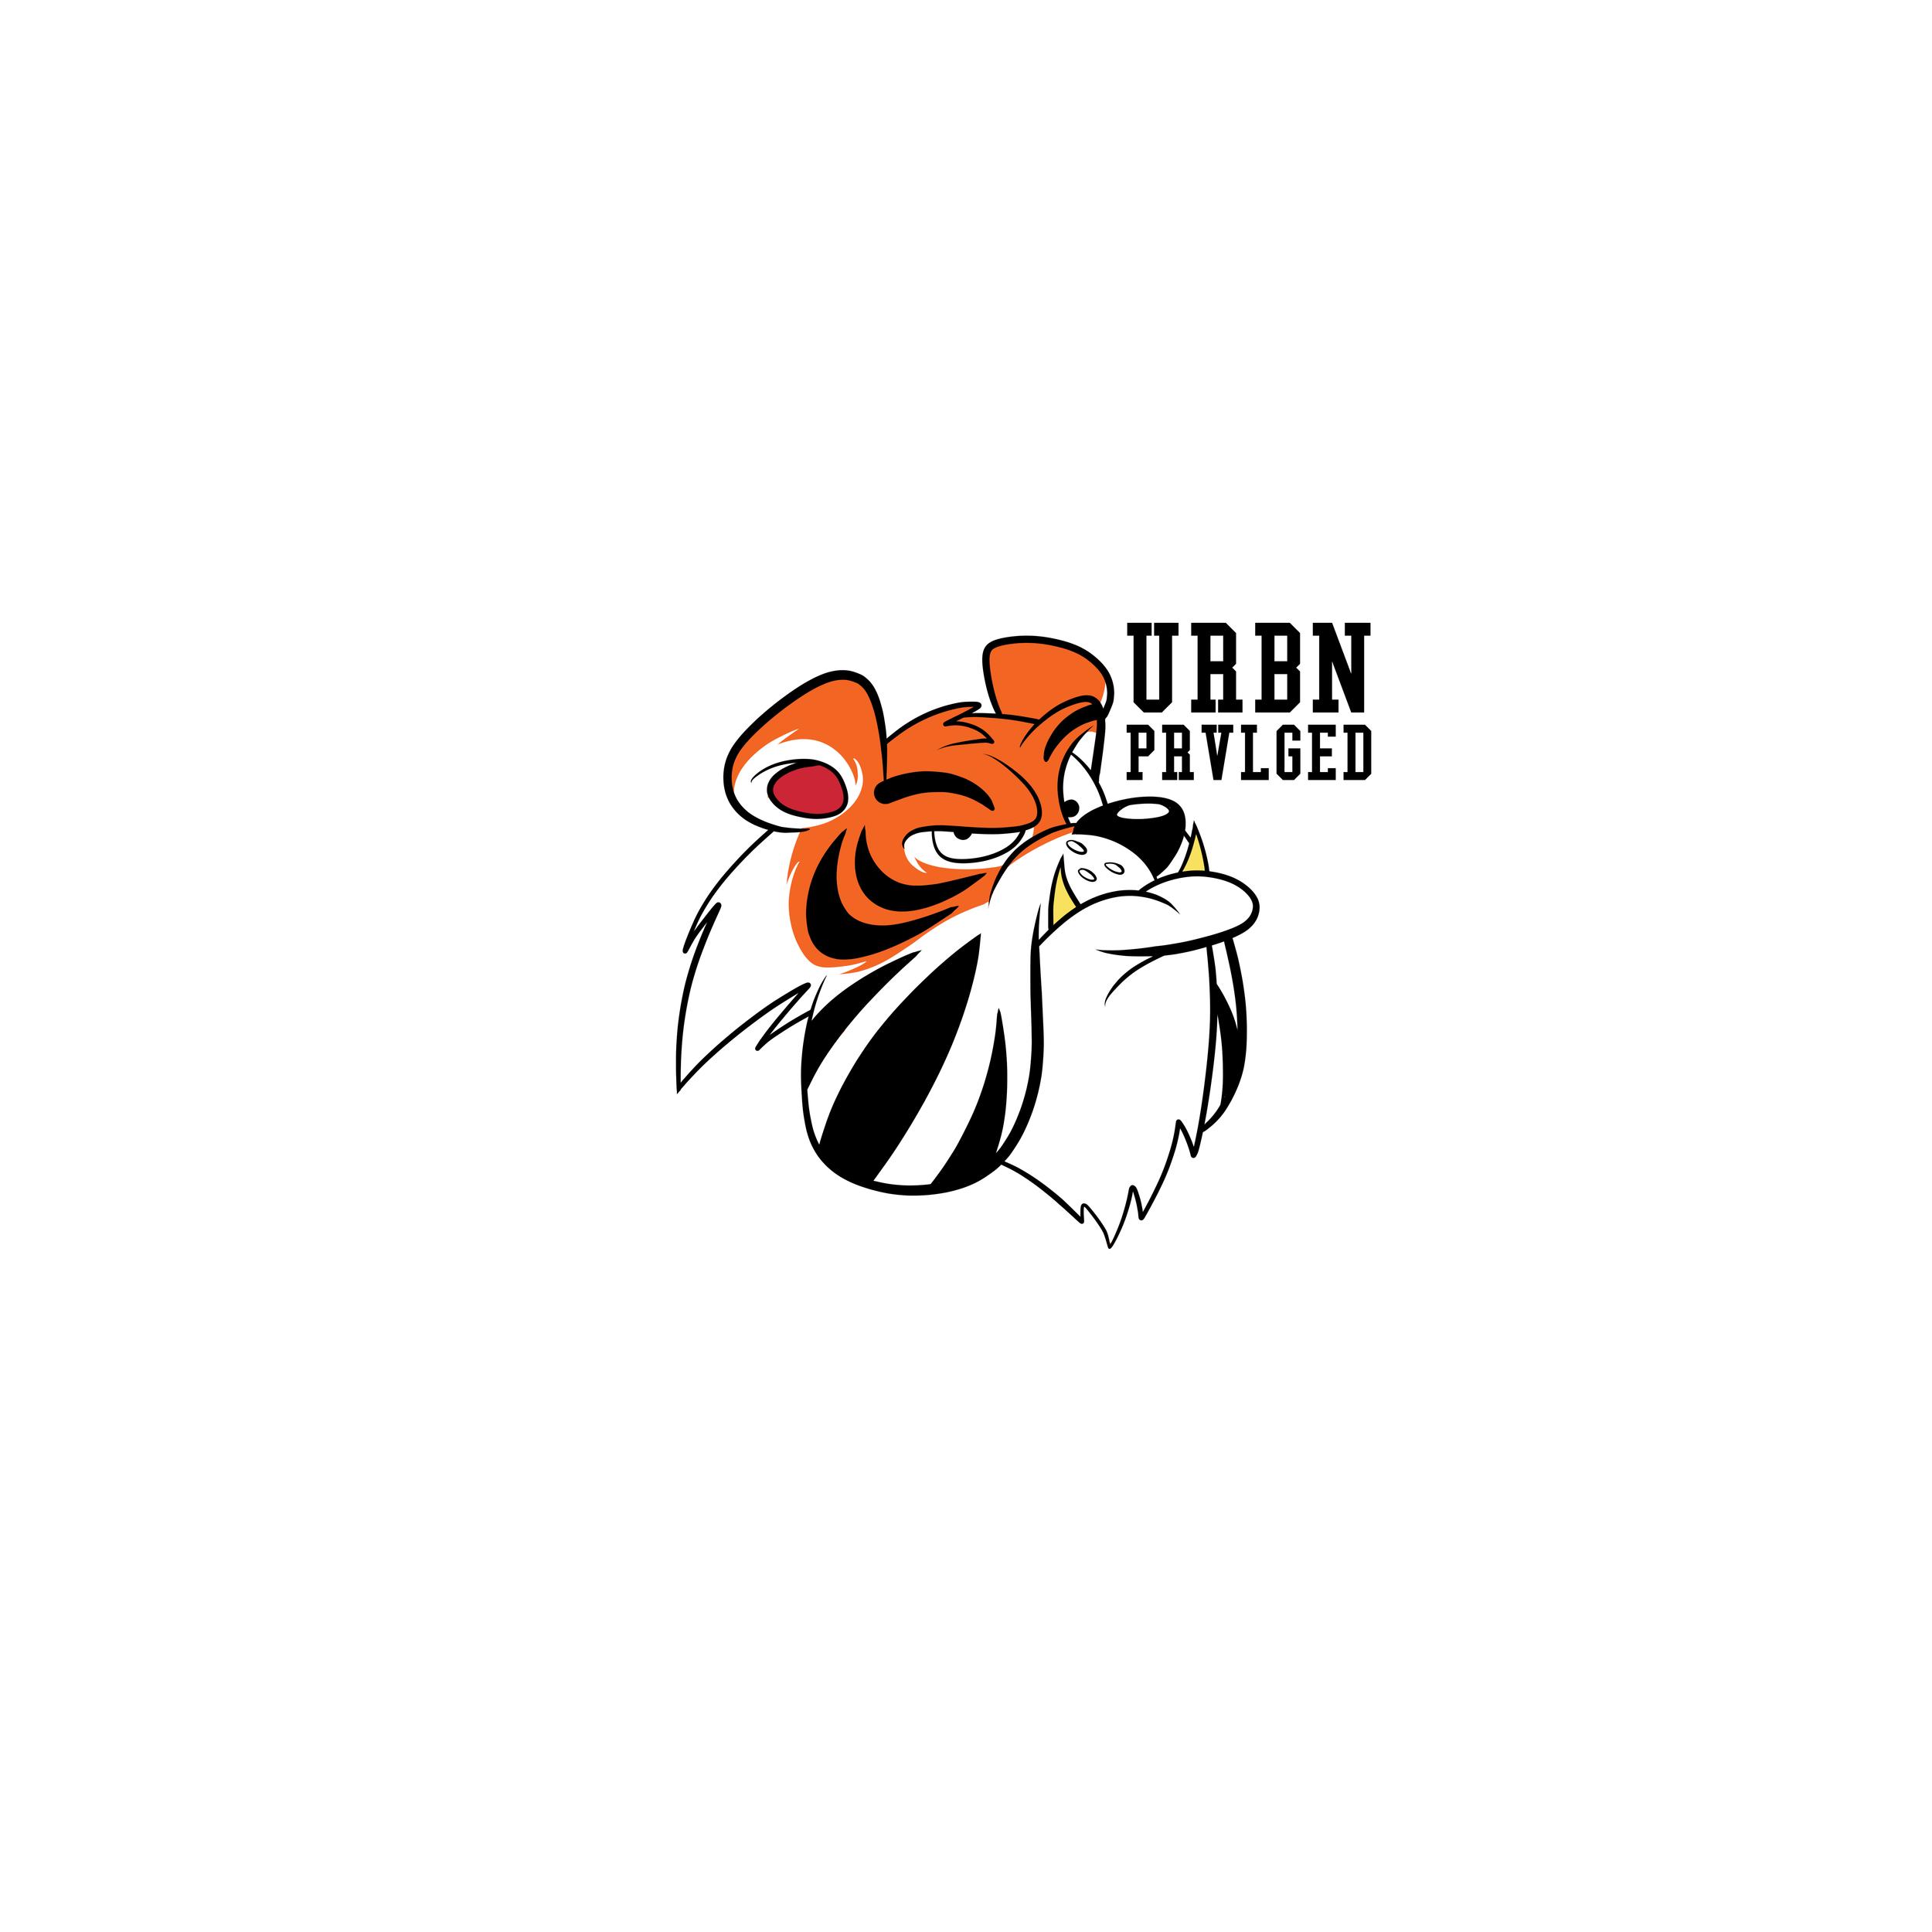 URBPRV_4.jpg